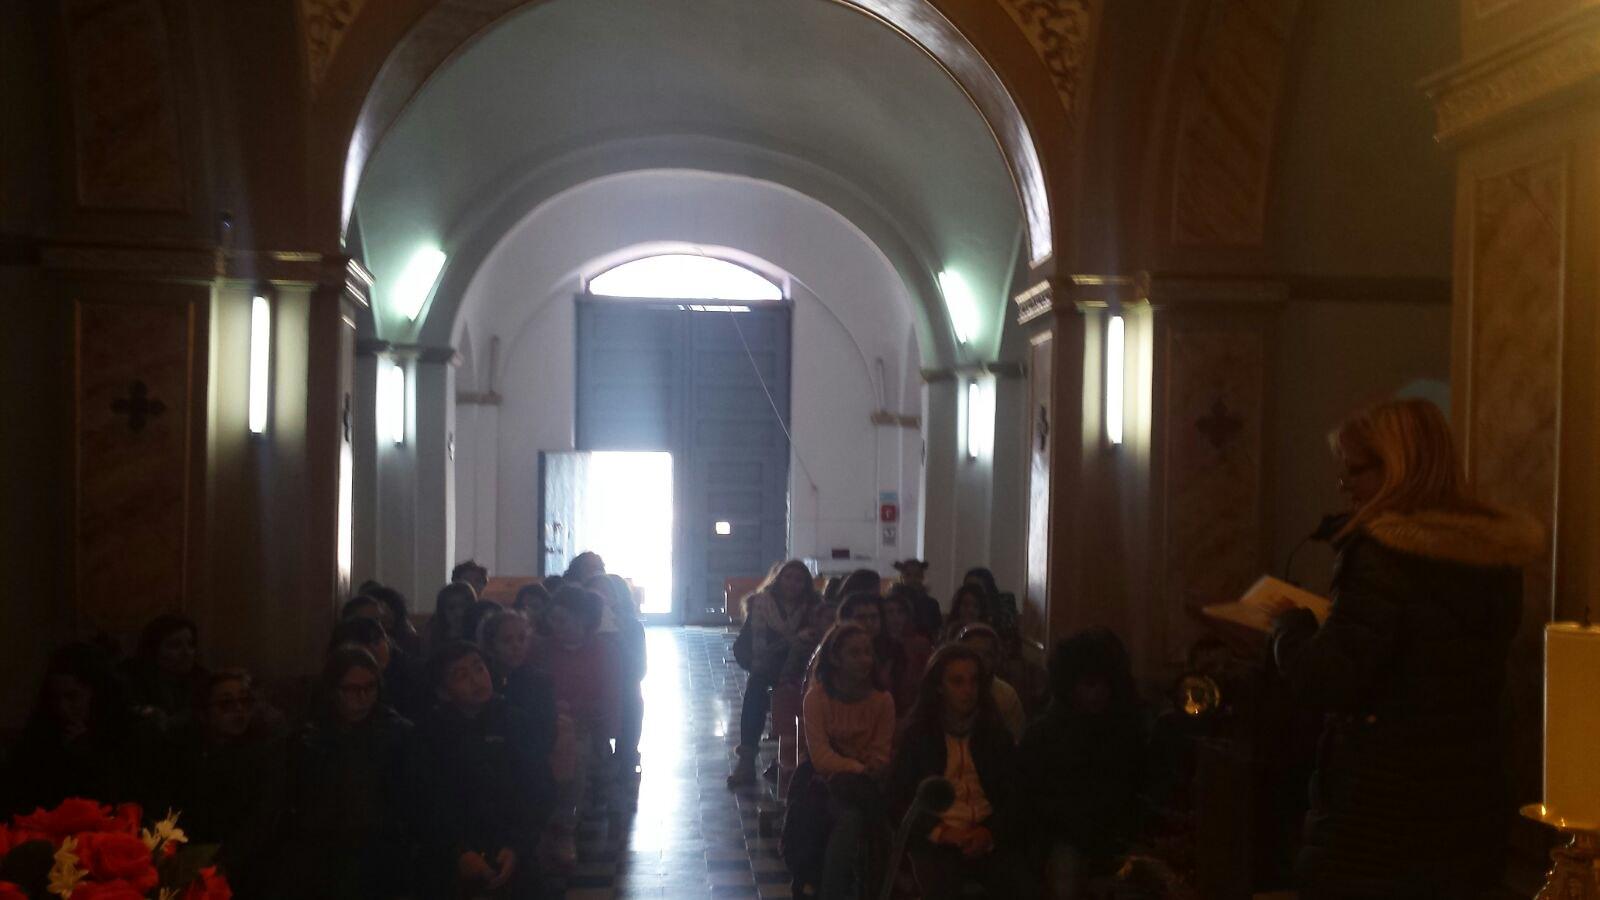 (2018-03-19) - Visita ermita alumnos Yolada-Pilar,6º, Virrey Poveda-9 de Octubre - Maria Isabel Berenquer Brotons - (16)